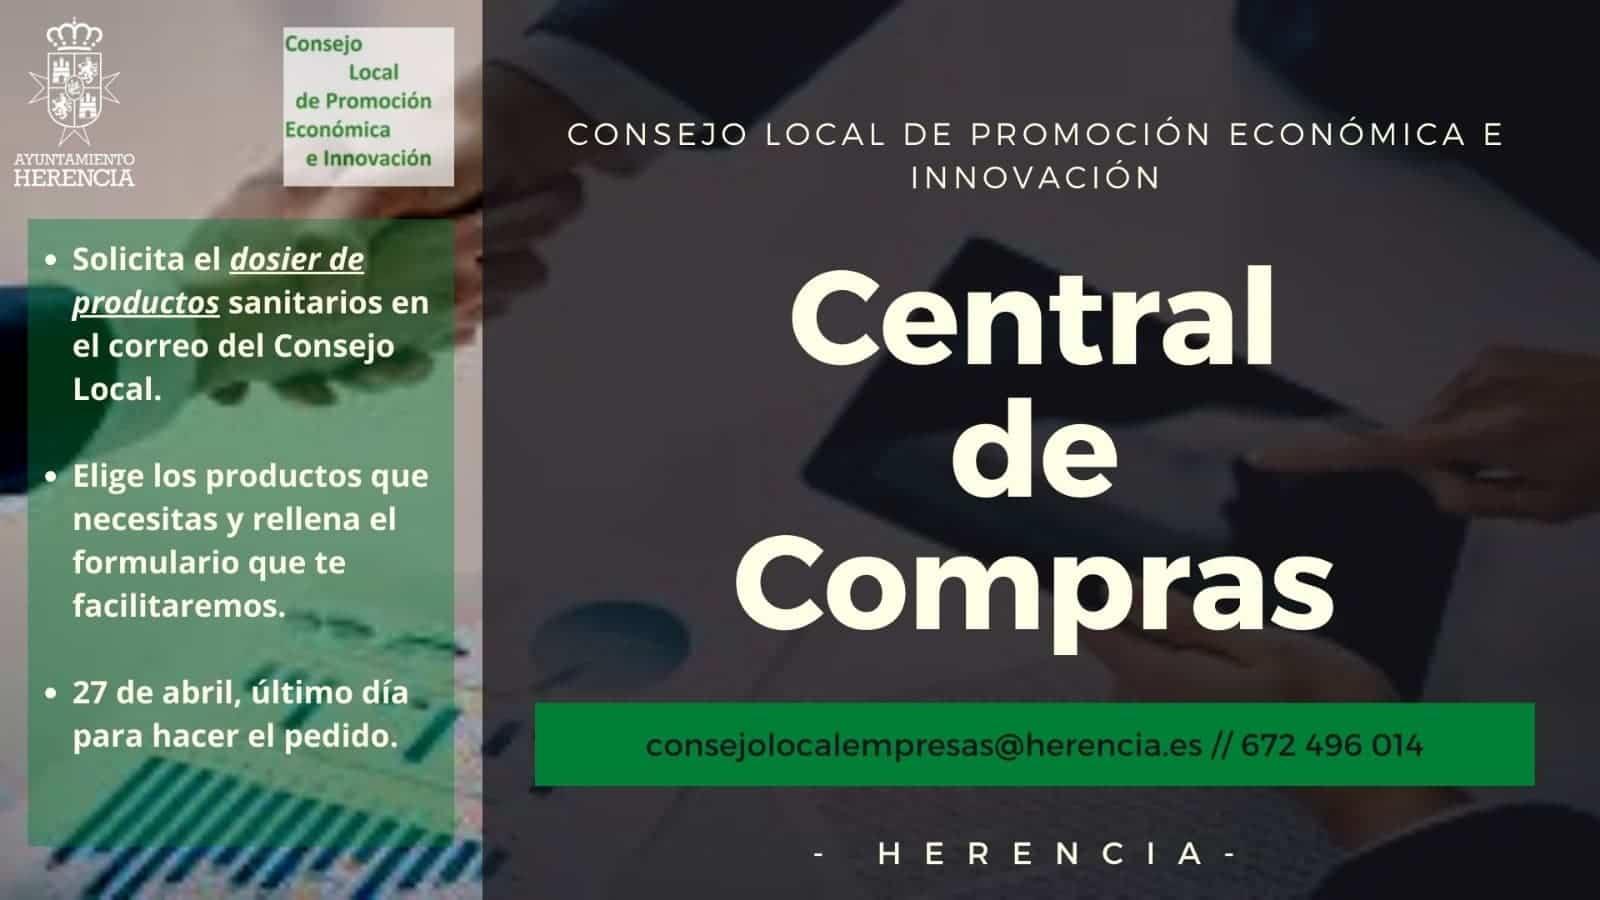 La empresas de Herencia ponen en marcha una central de compras para la región frente al coronavirus 3